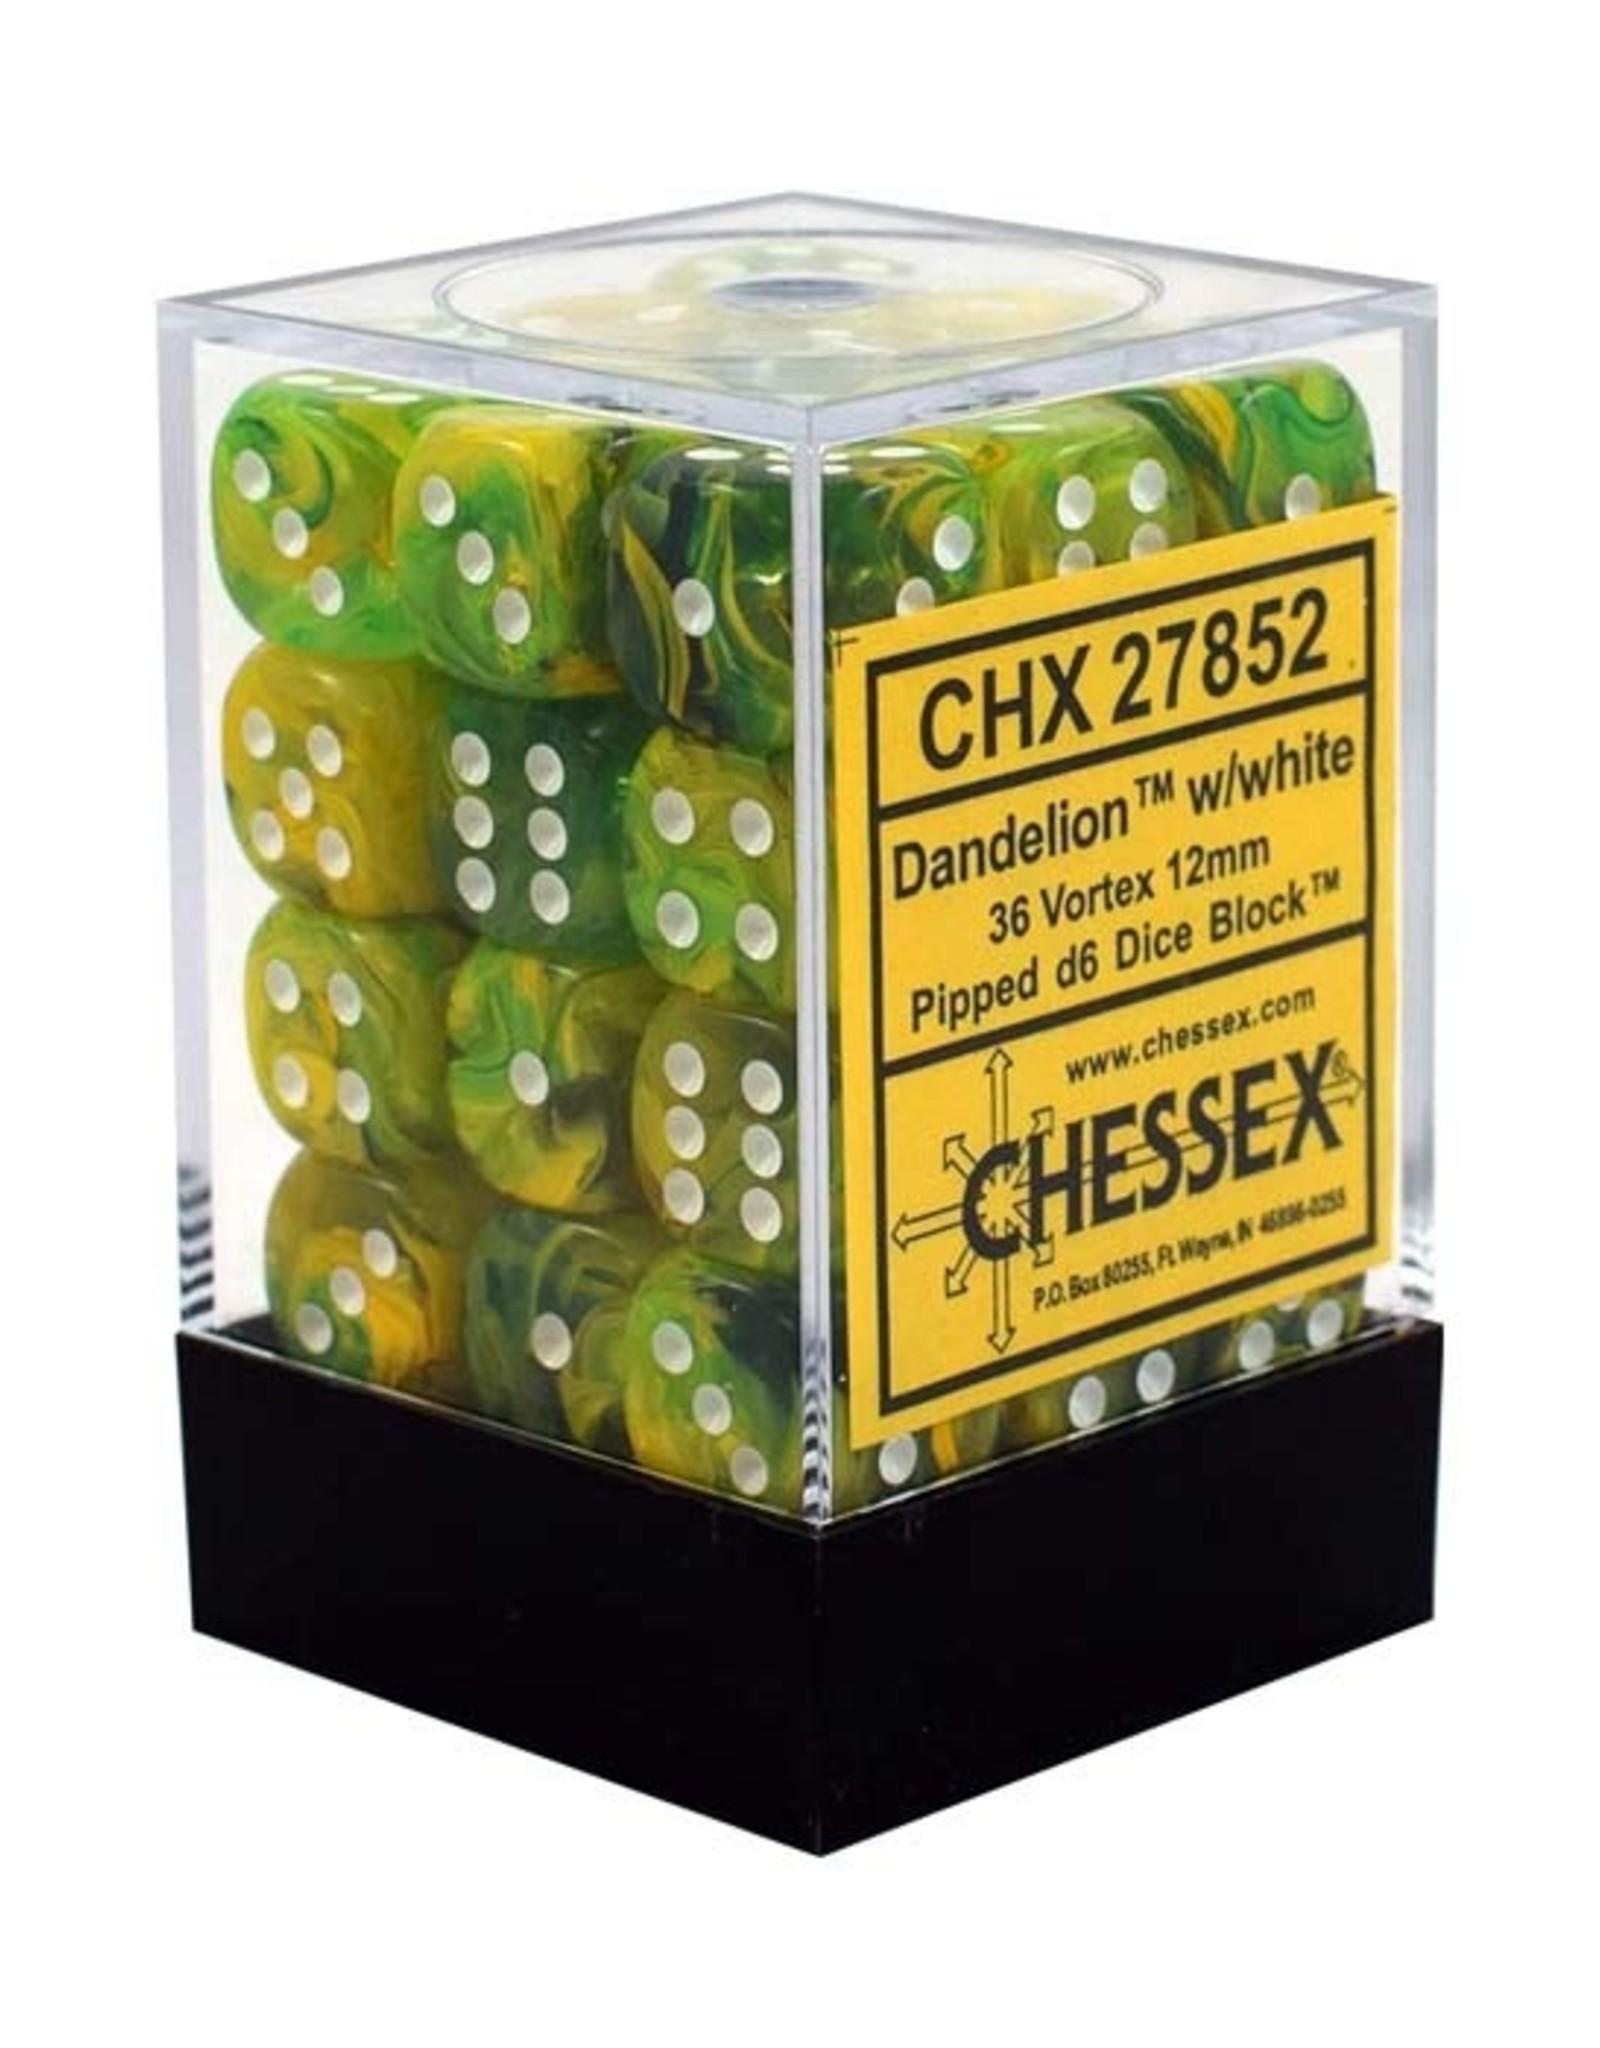 Chessex Chessex: 12mm D6 - Vortex - Dandelion w/ White